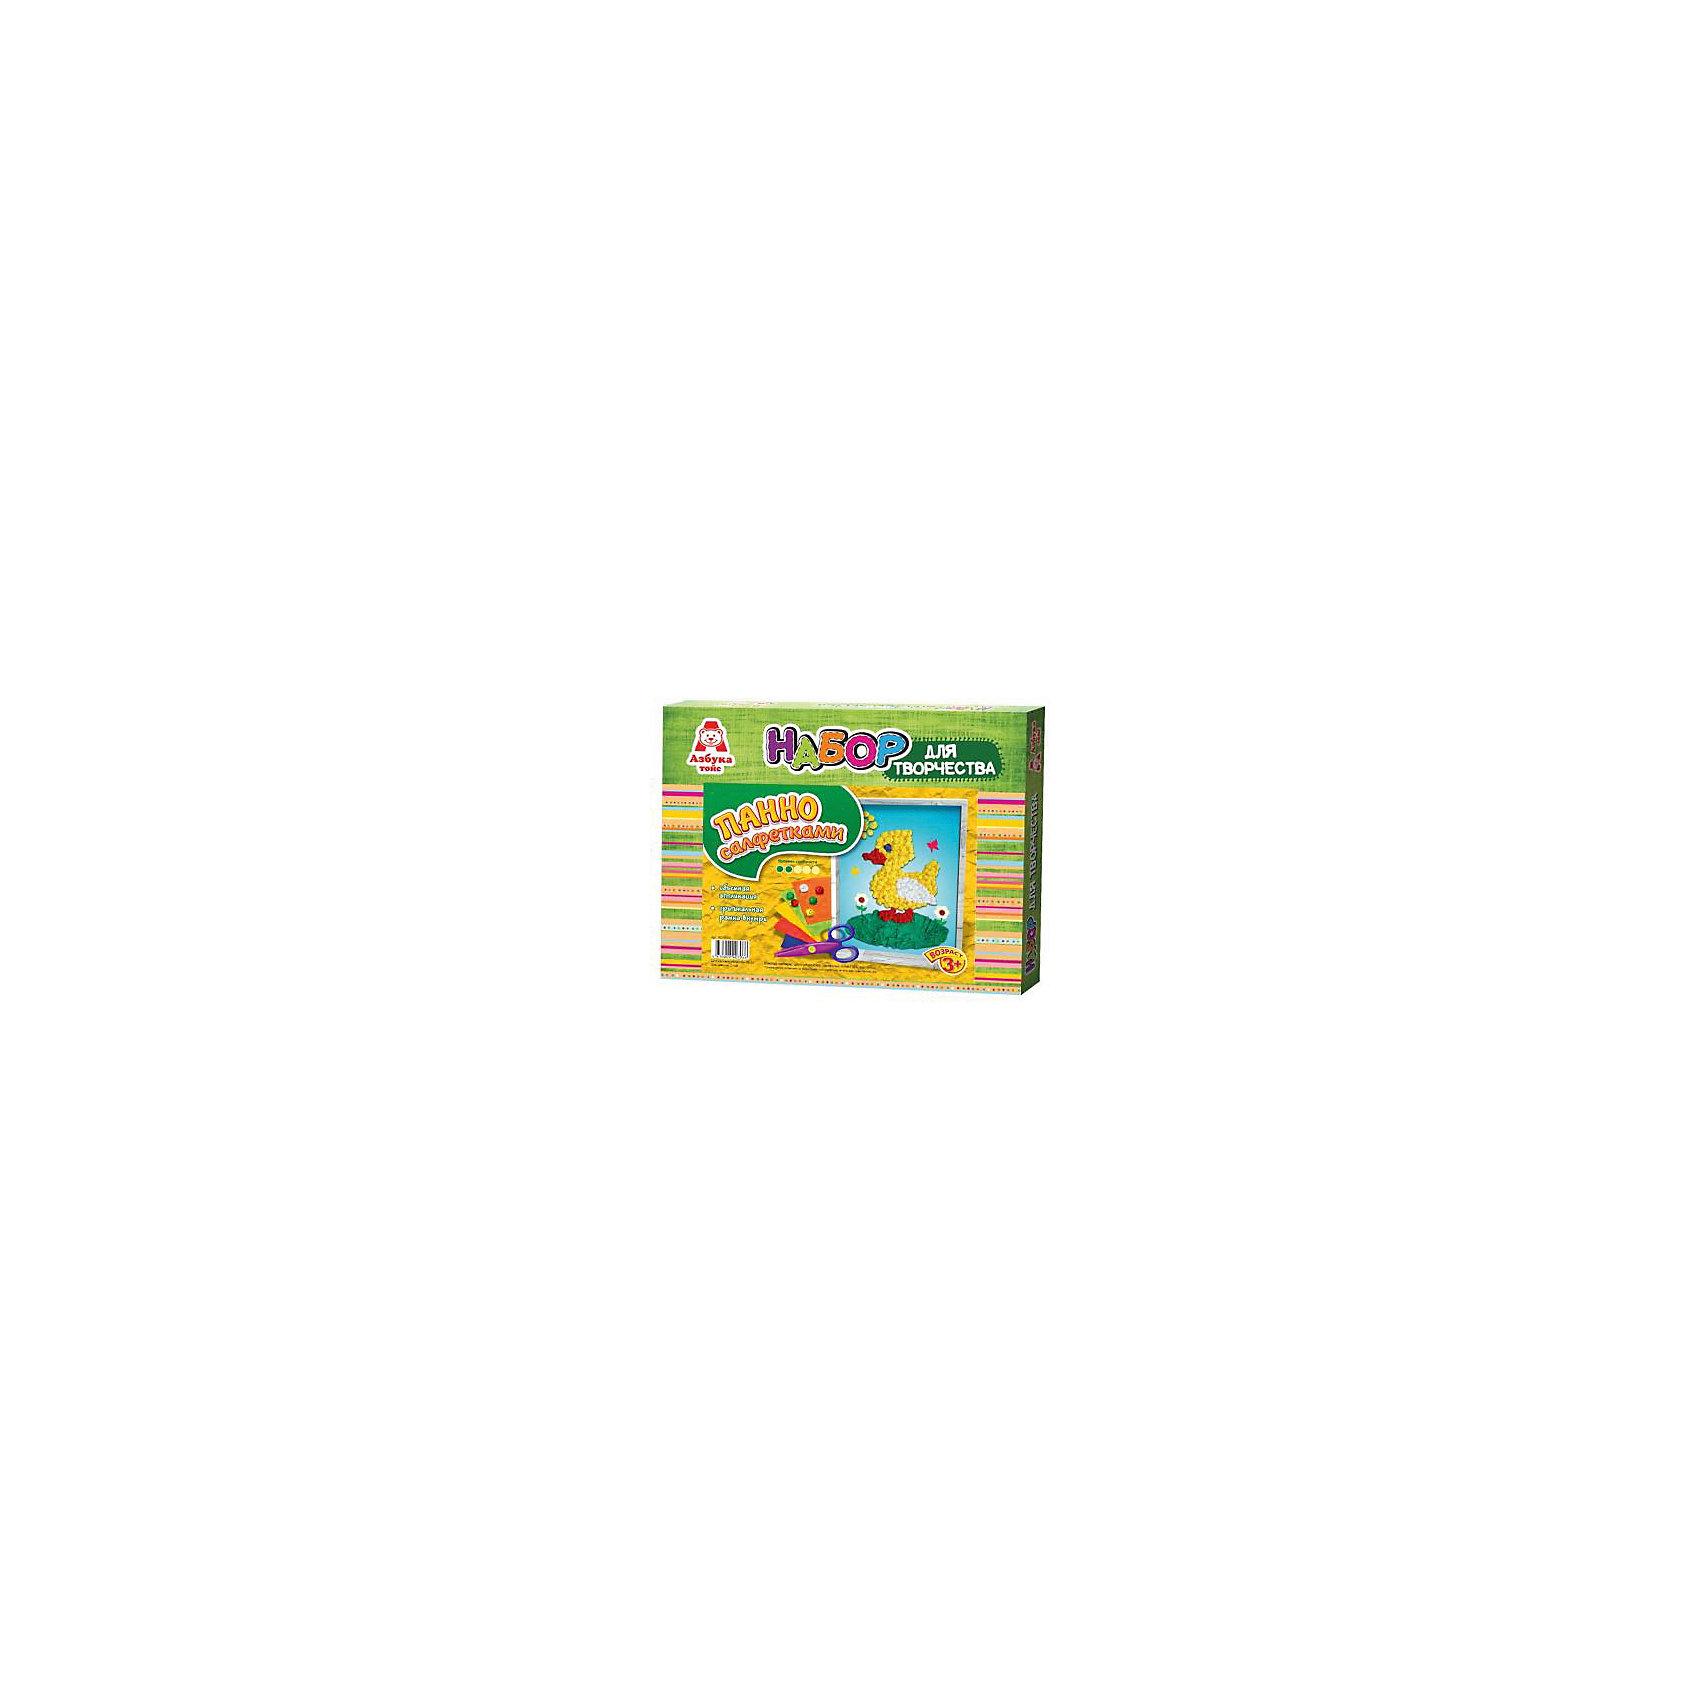 Аппликация салфетками УточкаРукоделие<br>Аппликация салфетками Уточка<br><br>Характеристики:<br><br>- в набор входит: основа, цветные салфетки, кисть, клей ПВА, рамка<br>- состав: картон, бумага, пластик <br>- формат: 27 * 3 * 22 см.<br>- вес: 116 гр.<br>- для детей в возрасте: от 3 до 6 лет<br>- Страна производитель: Российская Федерация<br><br>Набор для творчества Аппликация салфетками Уточка от компании Азбука тойс понравится маленьким пальчиками и создаст яркое летнее настроение. Пошаговая инструкция подробно описывает процесс выполнения аппликации. Шарики из салфеток клеятся на цветную основу с помощью клея, входящего в комплект. Работа с таким набором развивает моторику ручек, воображение, усидчивость, аккуратность и внимание. Панно из салфеток имеет второй уровень сложности, но его выполнить ничуть не трудно, поэтому ребенок вскоре сможет порадоваться своему небольшому шедевру и, может быть, даже подарить его кому-нибудь. Красивая рамка входит в комплект.<br><br>Аппликацию салфетками Уточка можно купить в нашем интернет-магазине.<br><br>Ширина мм: 270<br>Глубина мм: 30<br>Высота мм: 220<br>Вес г: 116<br>Возраст от месяцев: 36<br>Возраст до месяцев: 84<br>Пол: Унисекс<br>Возраст: Детский<br>SKU: 5062941